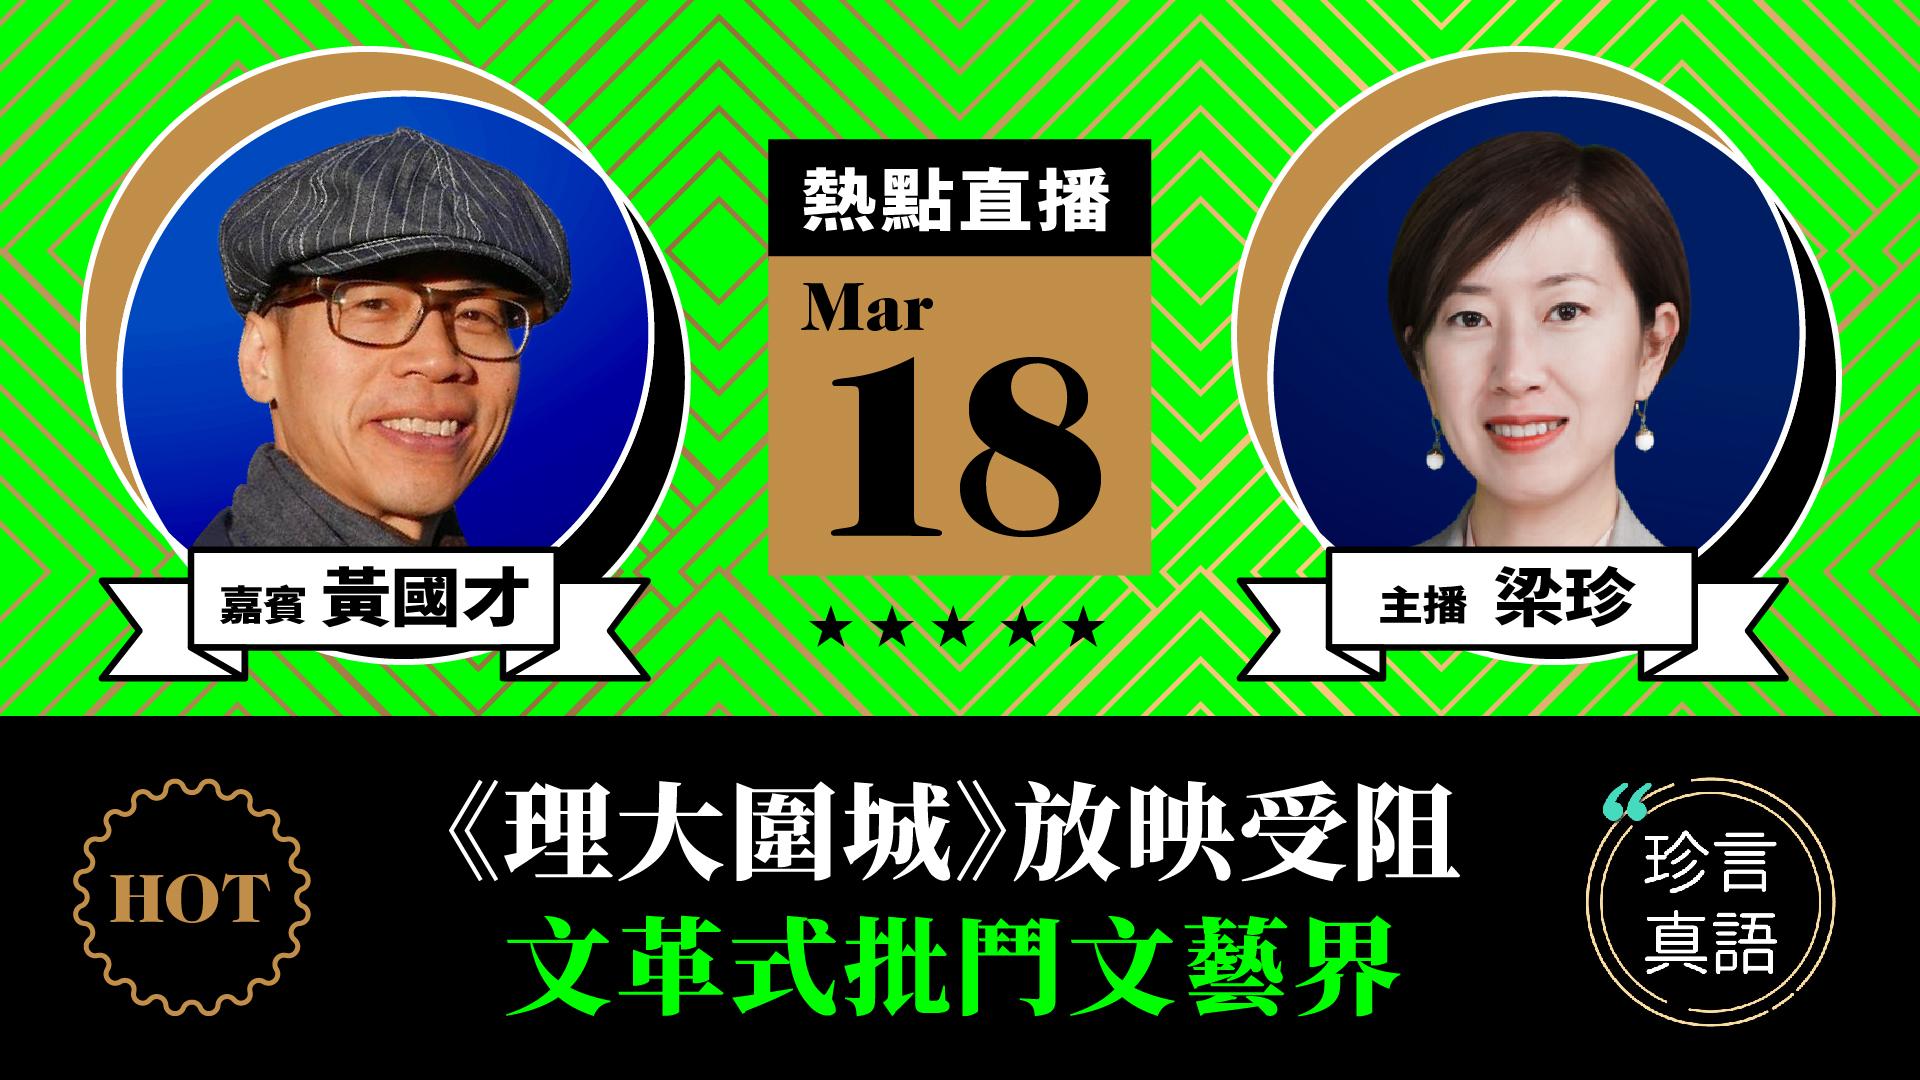 香港藝術家黃國才認為,中共香港黨報的記者隨便發表評論,而港府言聽計從,這將給藝術文化界帶來結構性的毀滅後果。(大紀元合成)